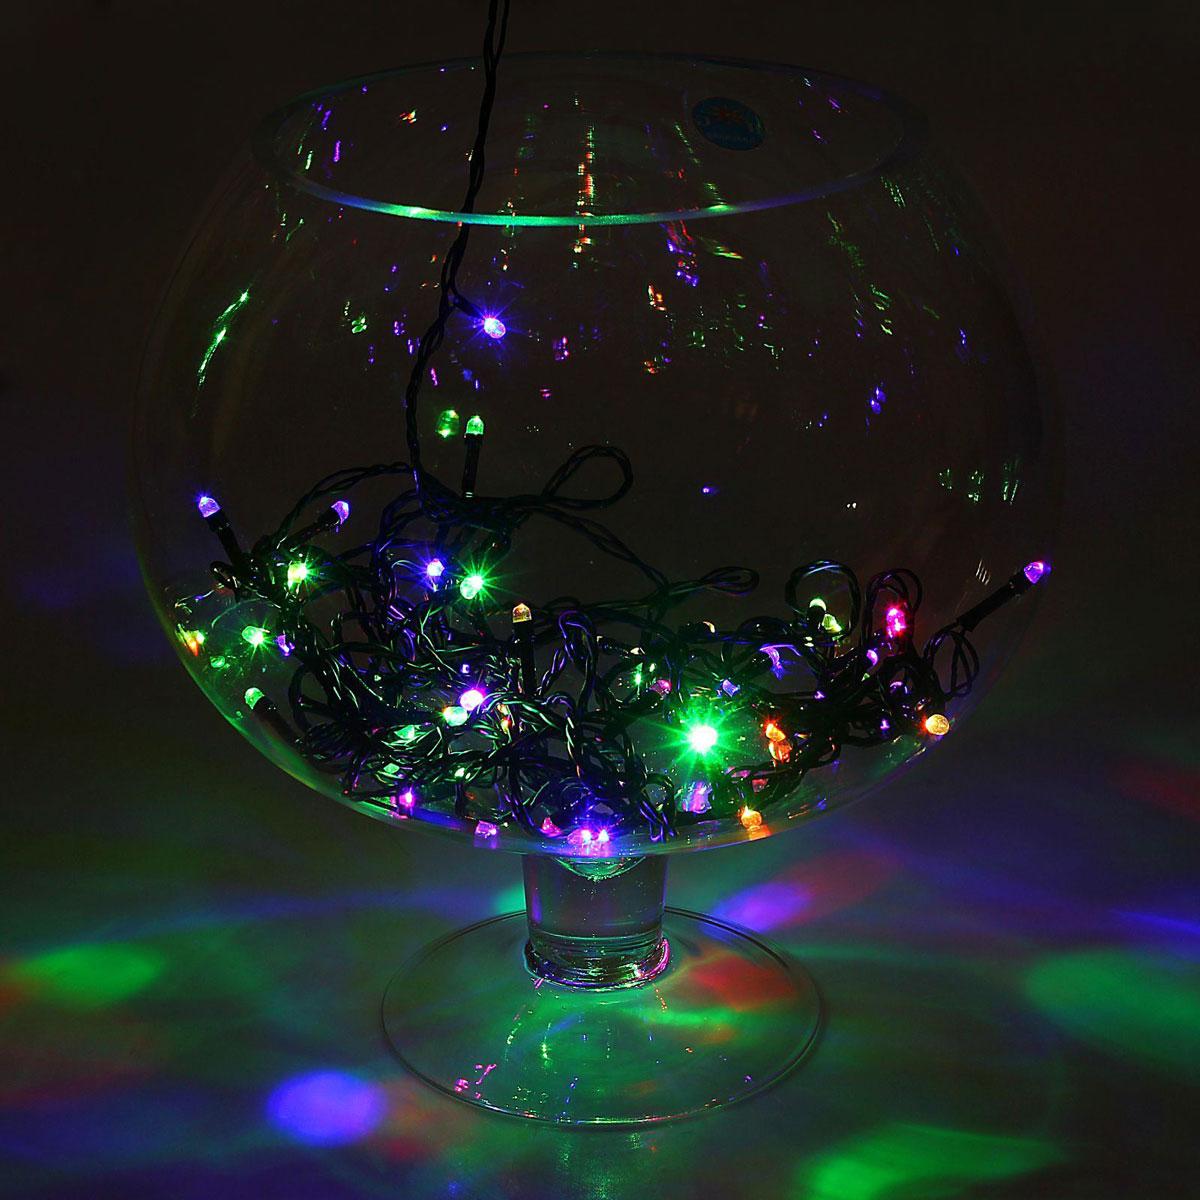 Гирлянда светодиодная Luazon Метраж, моргает, 50 ламп, 220 V, 5,2 м, цвет: мультиколор. 10803471080347Светодиодные гирлянды, ленты и т.д. — это отличный вариант для новогоднего оформления интерьера или фасада. С их помощью помещение любого размера можно превратить в праздничный зал, а внешние элементы зданий, украшенные ими, мгновенно станут напоминать очертания сказочного дворца. Такие украшения создают ауру предвкушения чуда. Деревья, фасады, витрины, окна и арки будто специально созданы, чтобы вы украсили их светящимися нитями.